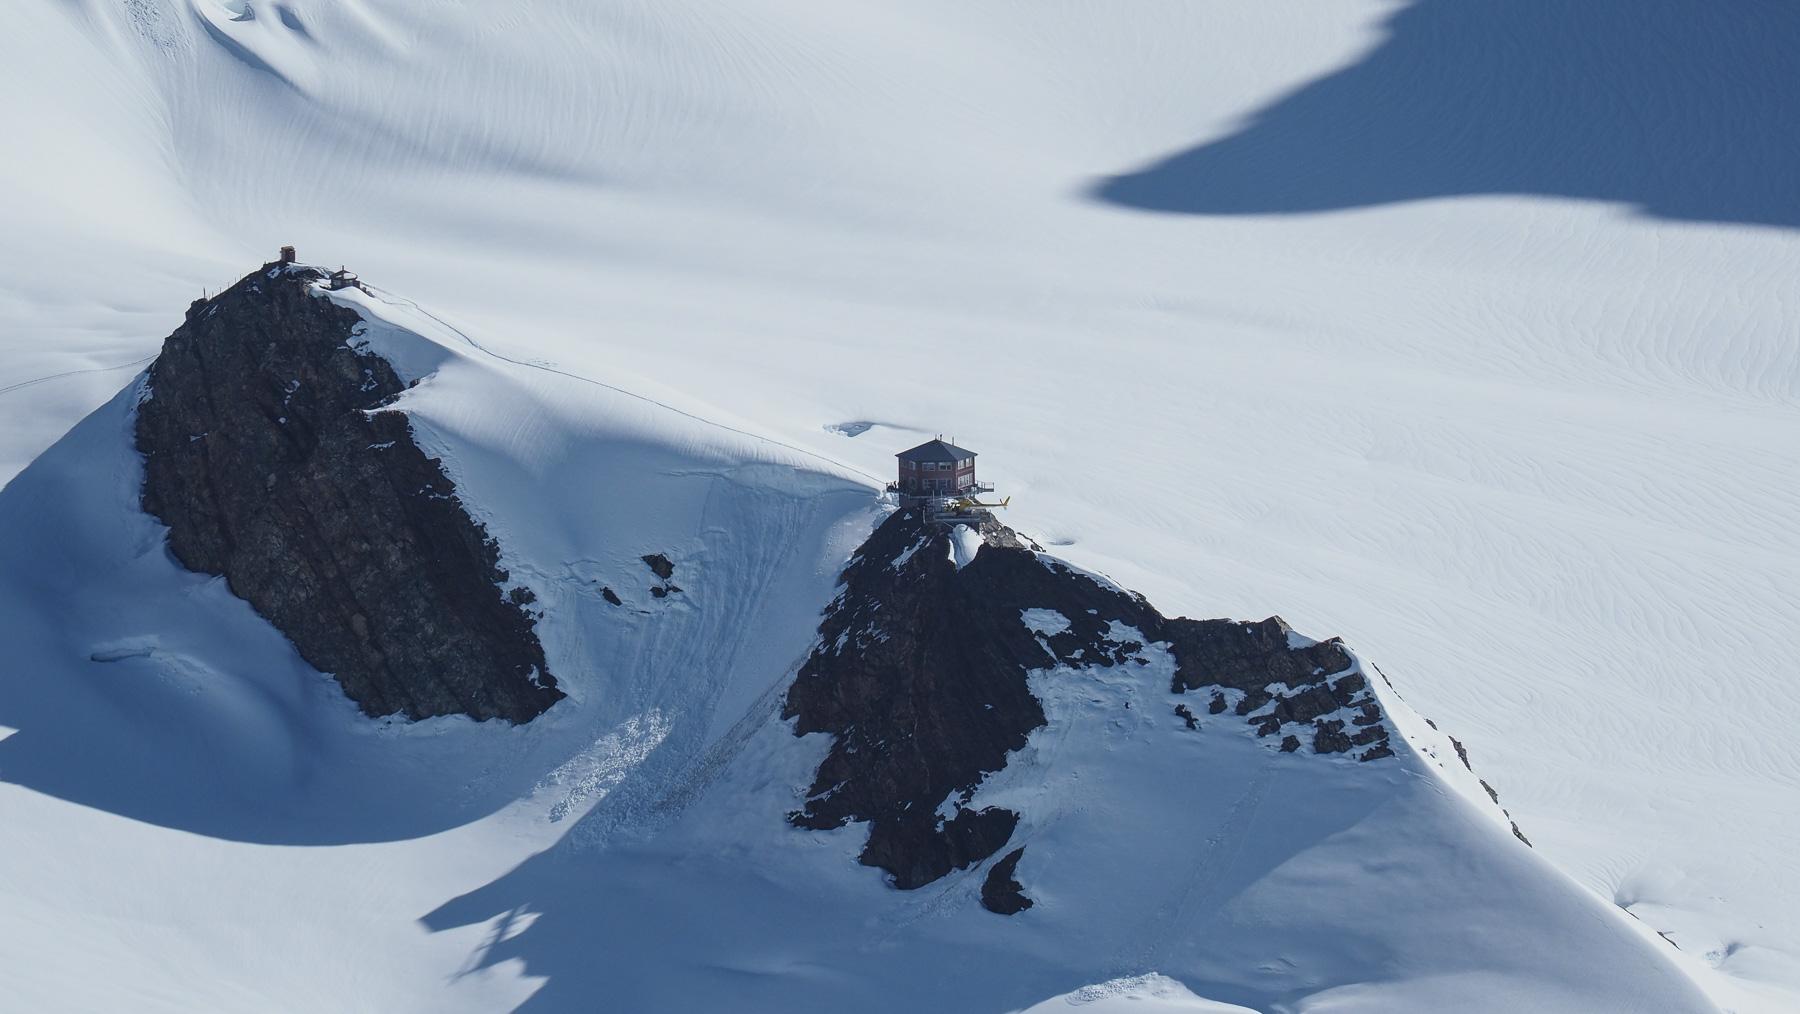 kühnes Luxus-Chalet über dem Gletscher